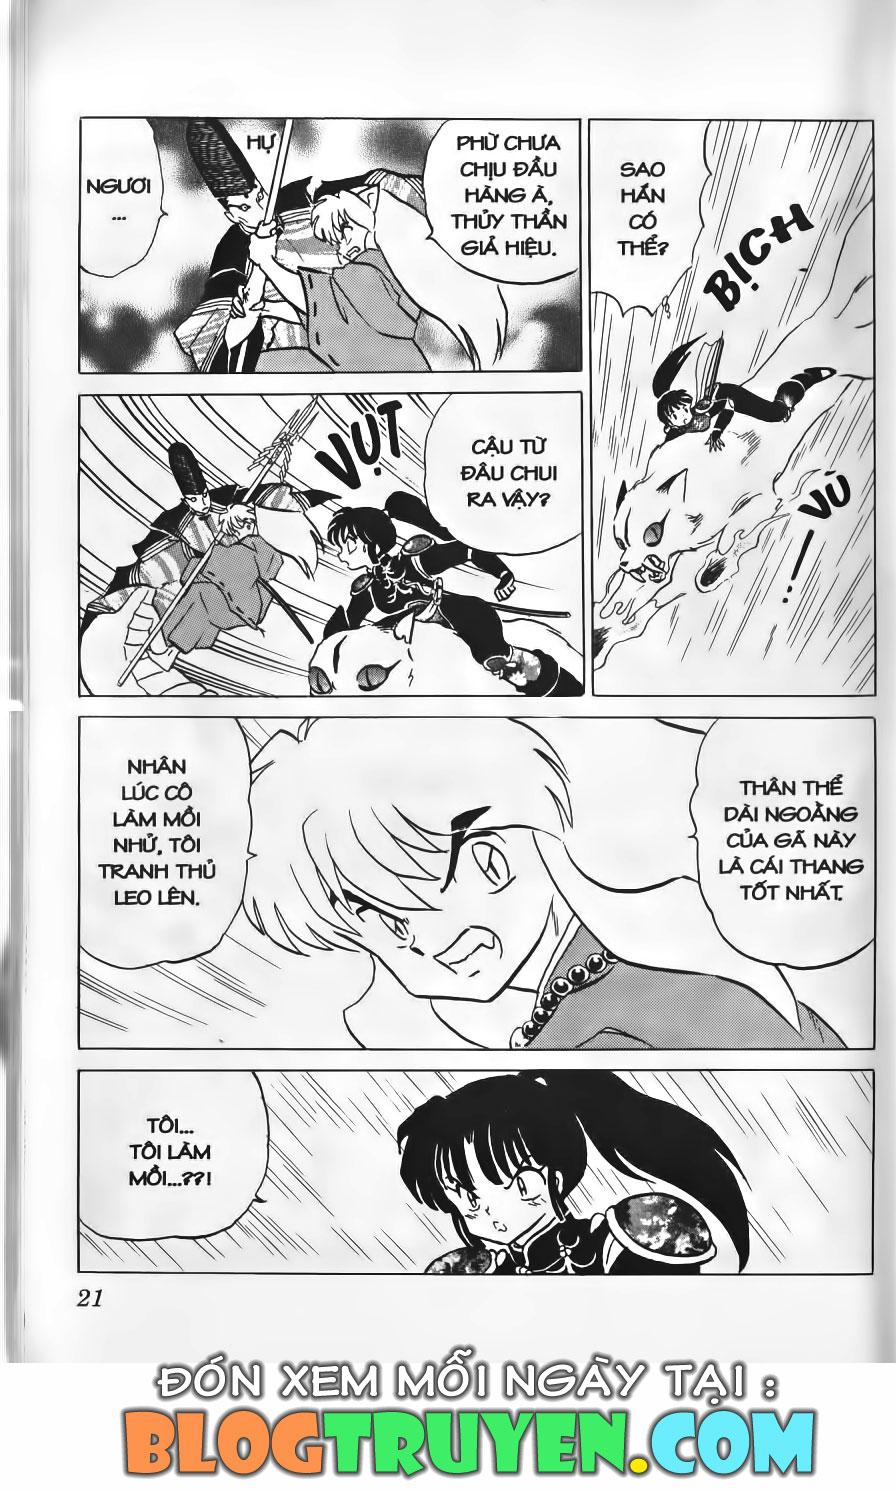 Inuyasha vol 11.1 trang 20